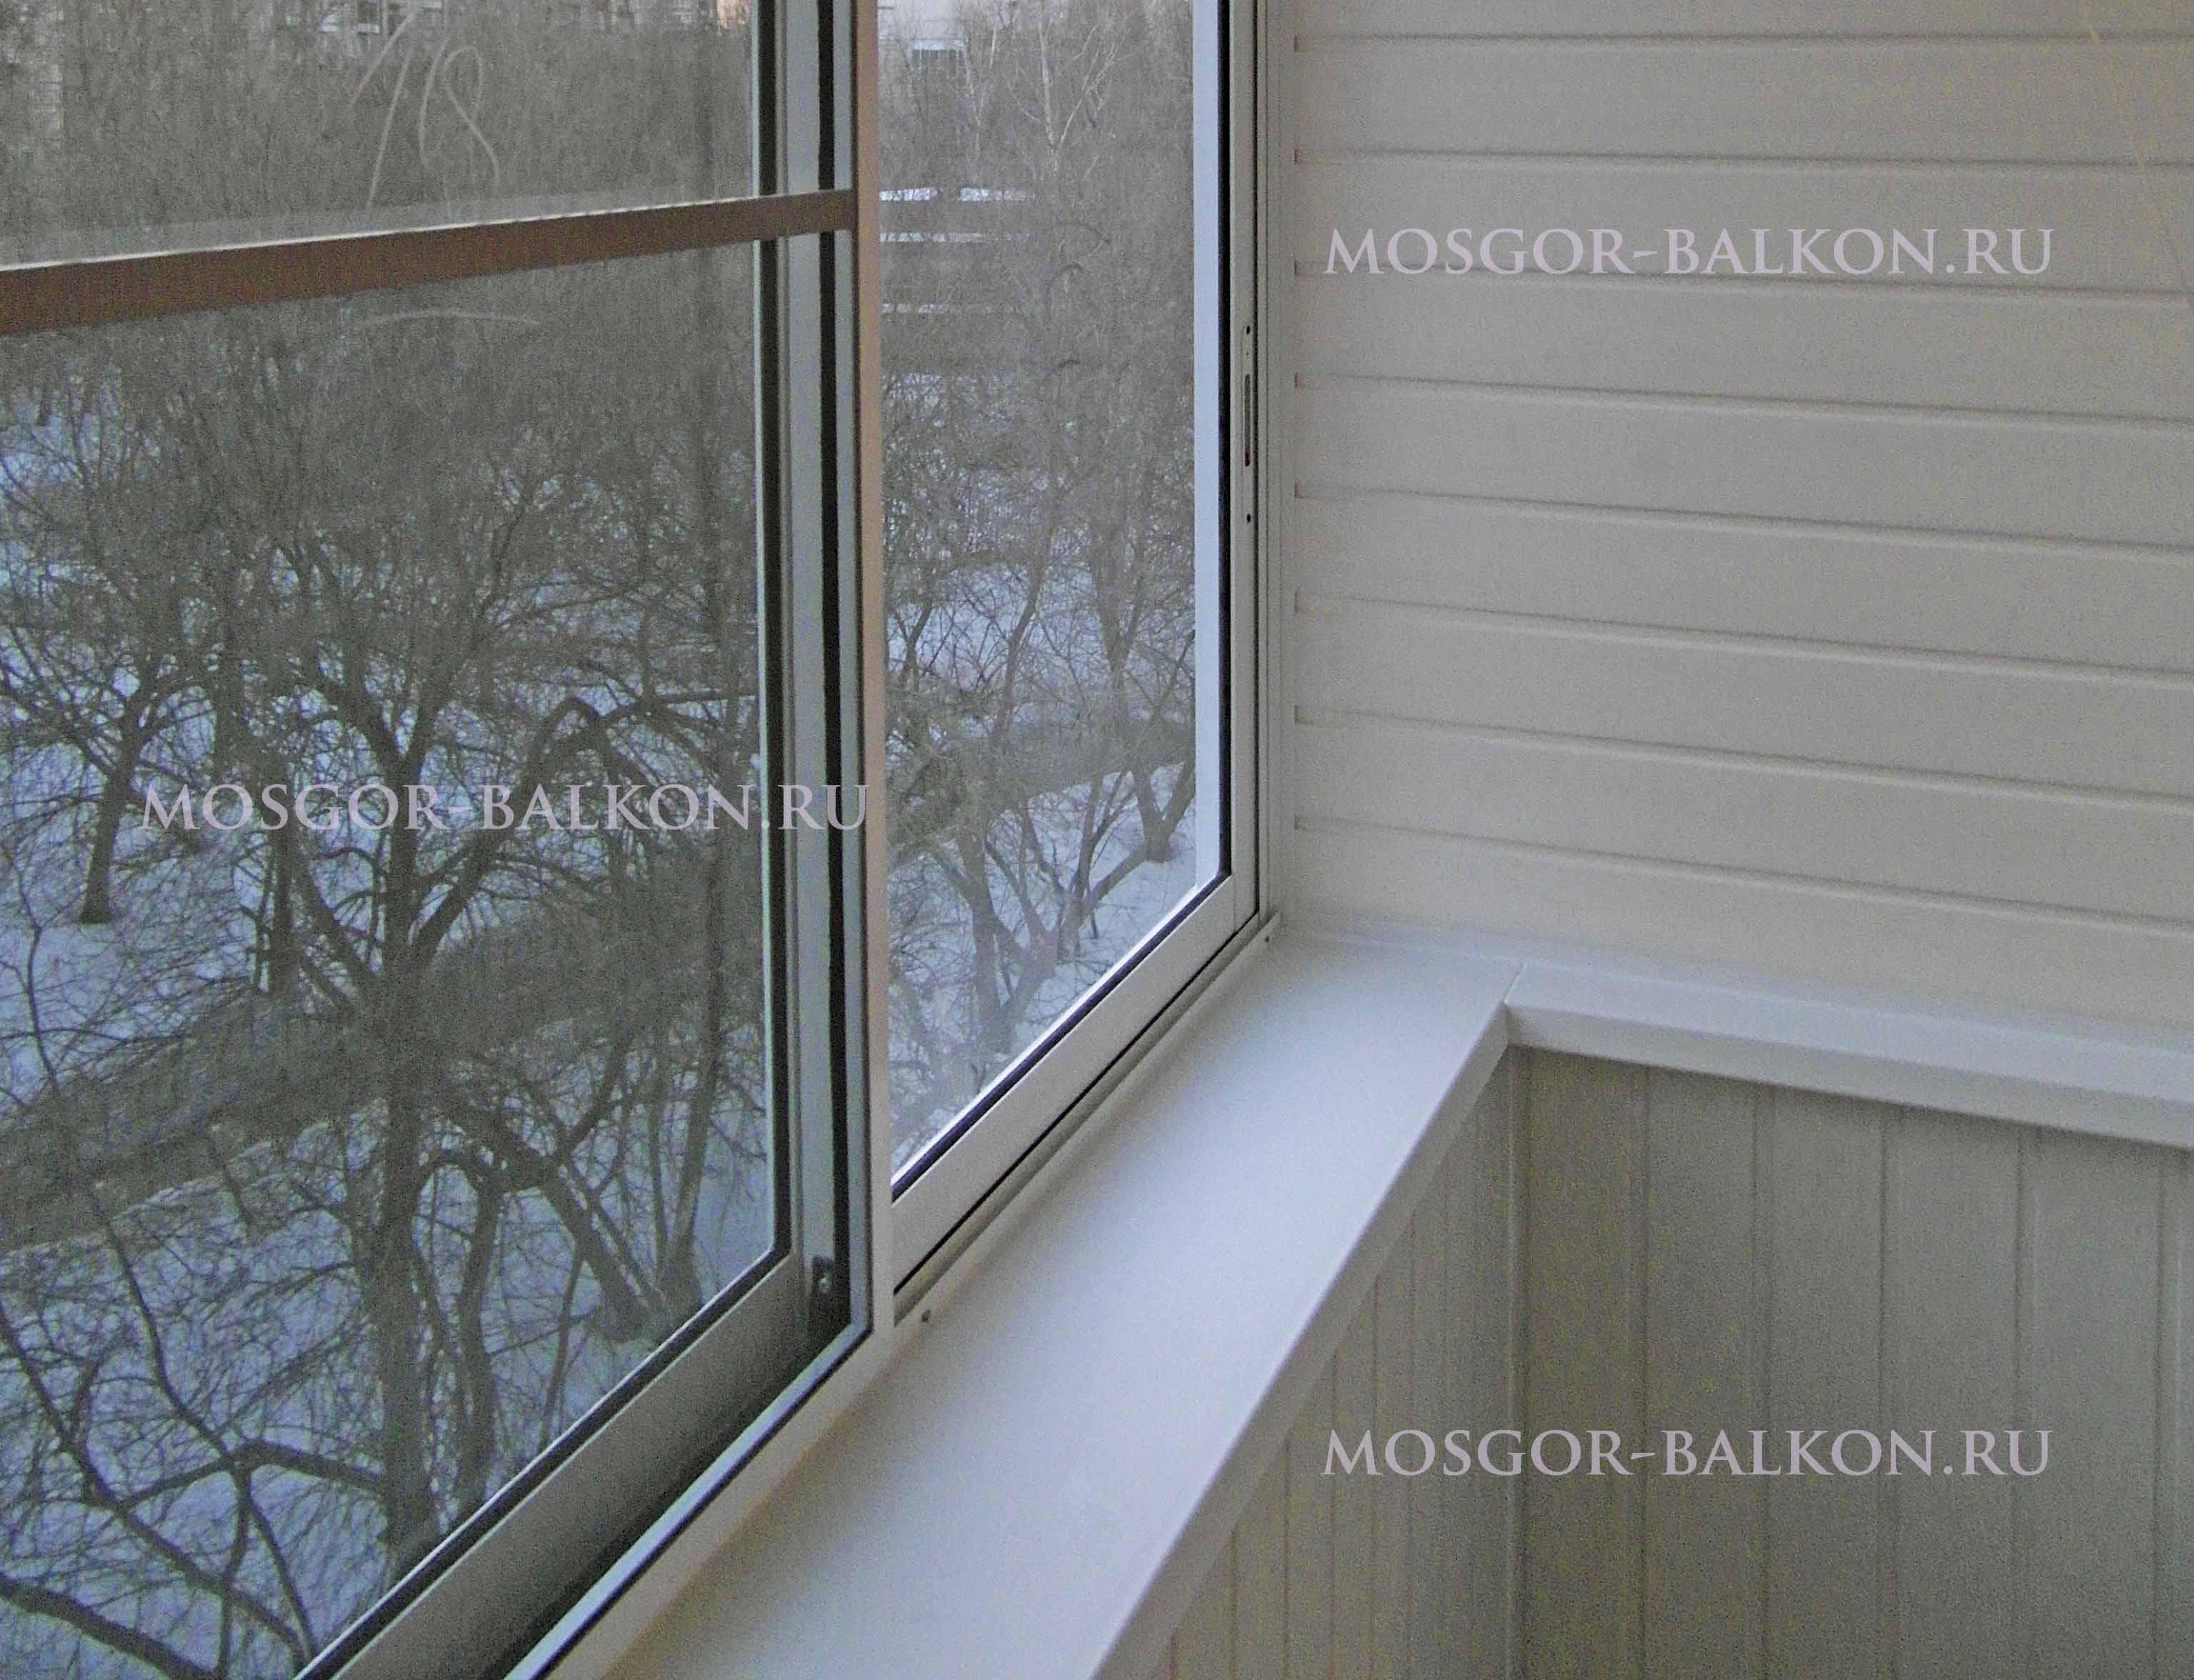 Серия дома п 46 балкон. - утепление - каталог статей - ремон.